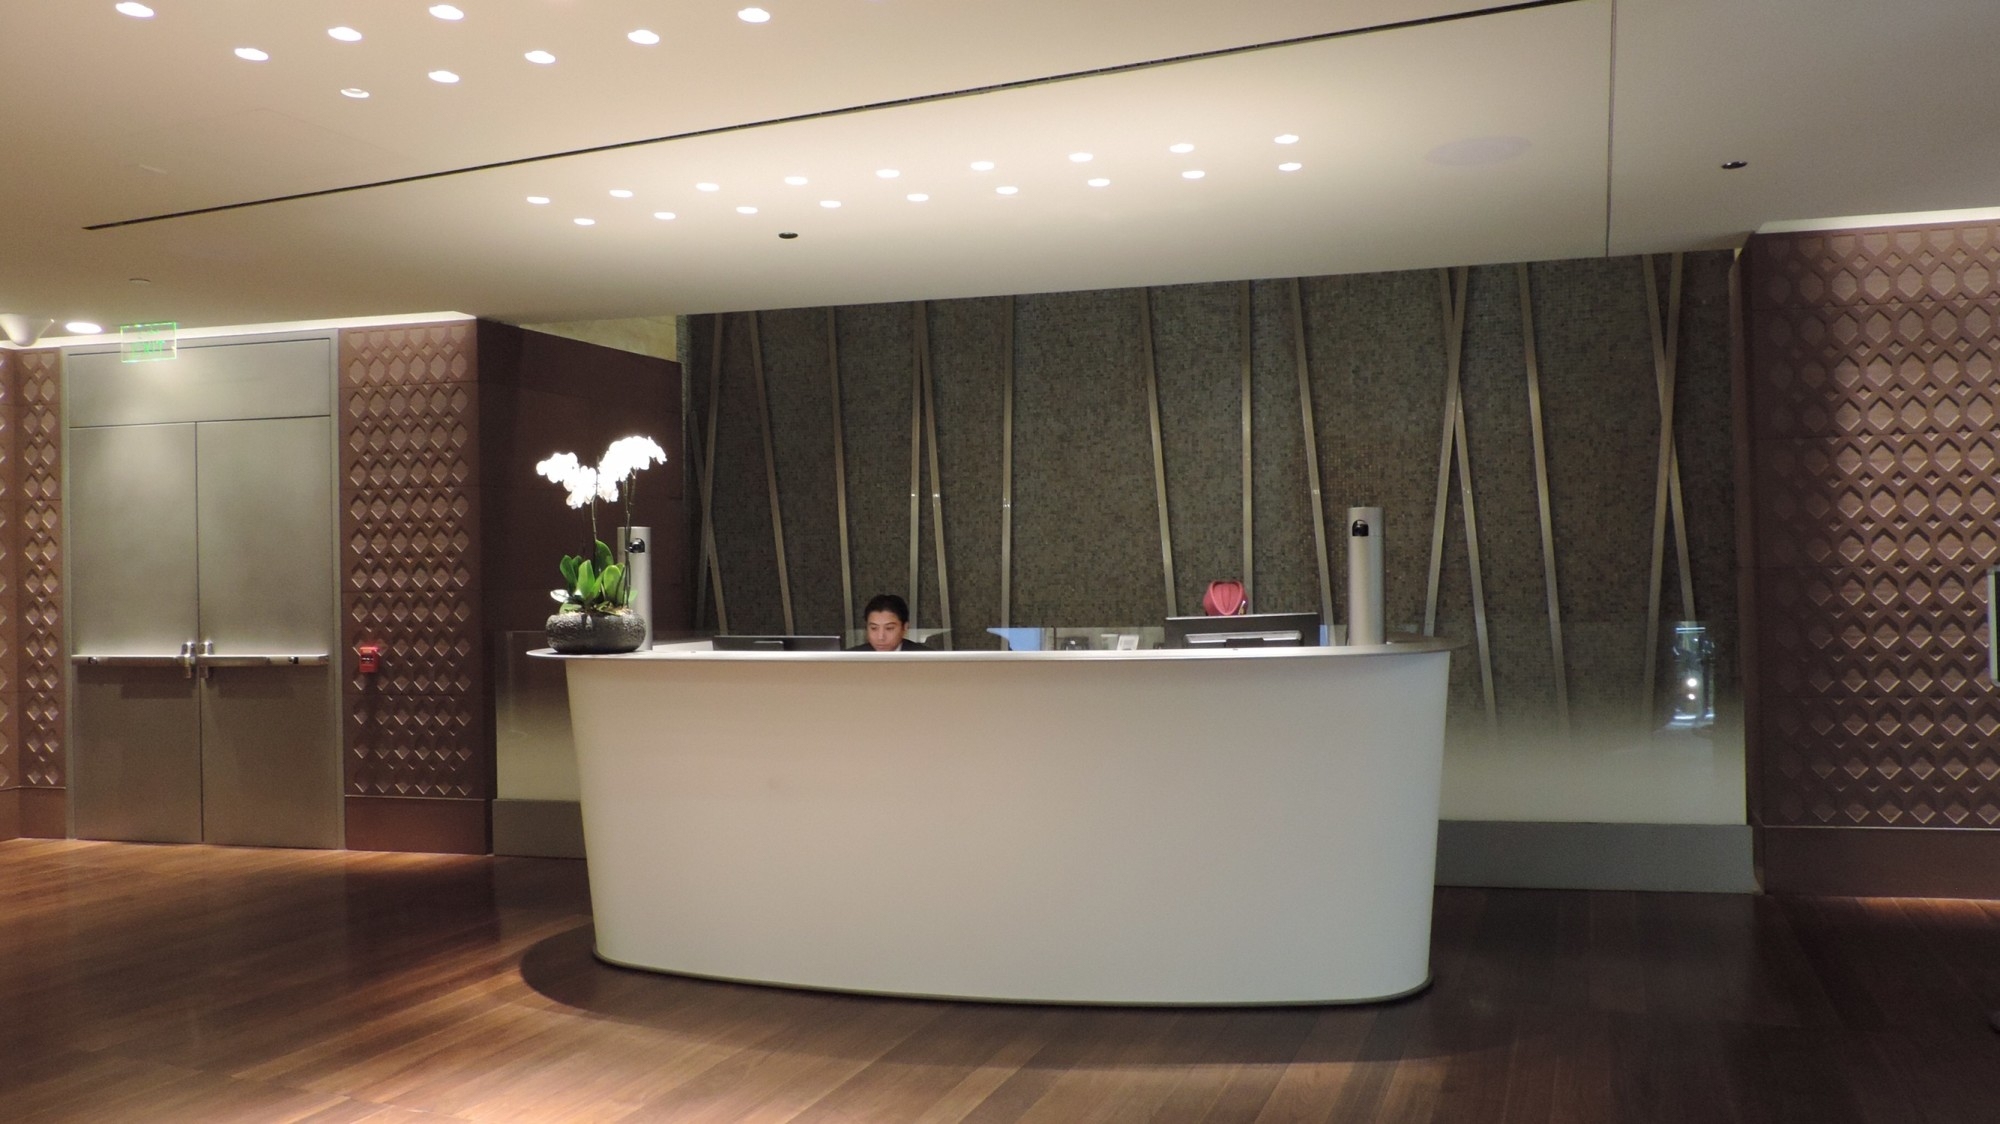 Doh al maha transit lounge reviews photos terminal 1 hamad al maha transit lounge m4hsunfo